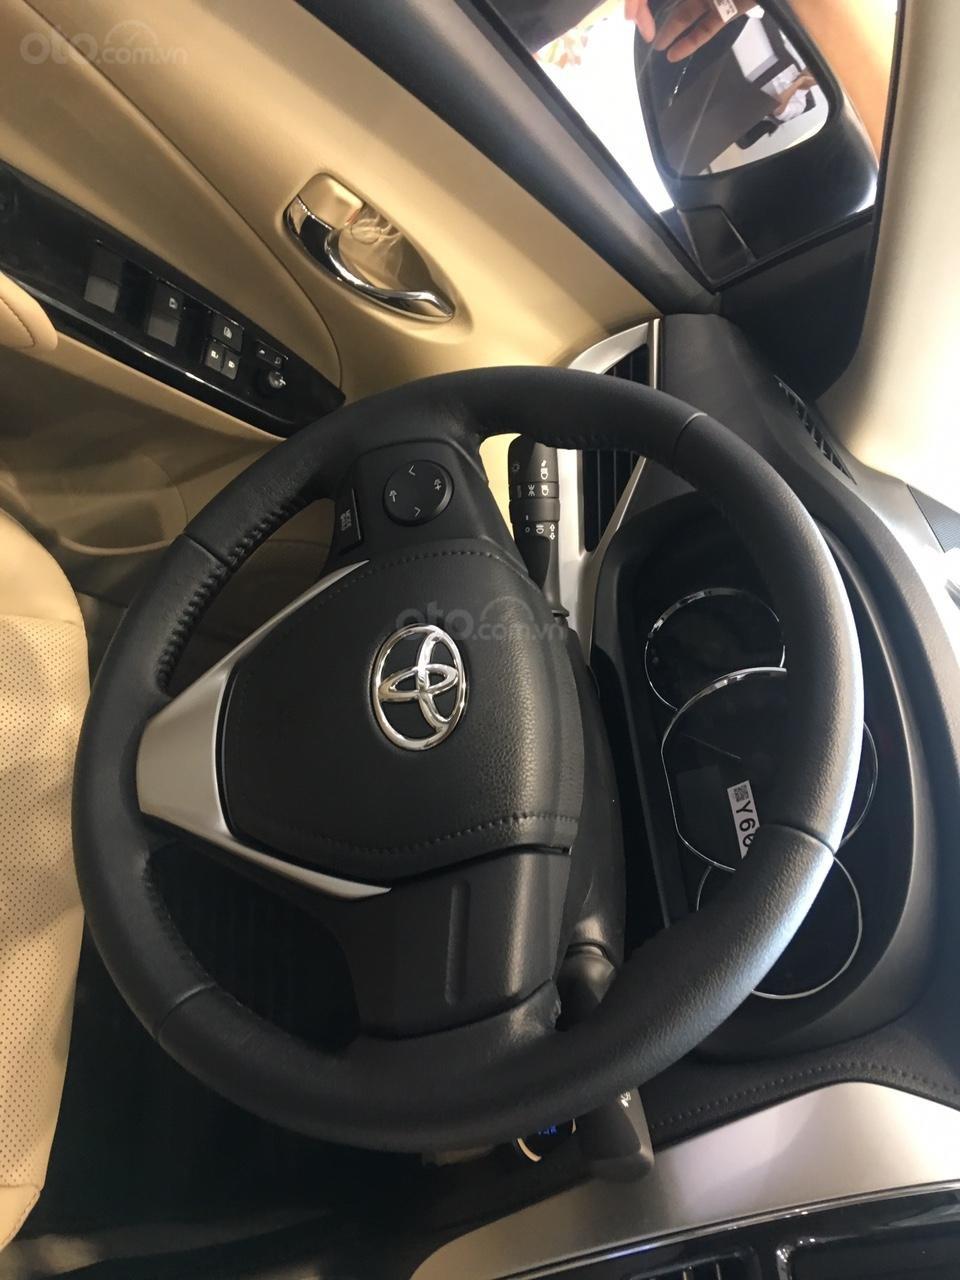 Toyota Vios E giá 497 triệu đồng tặng DVD, camera lùi, dán kính trải sàn liên hệ 093 6200062-6